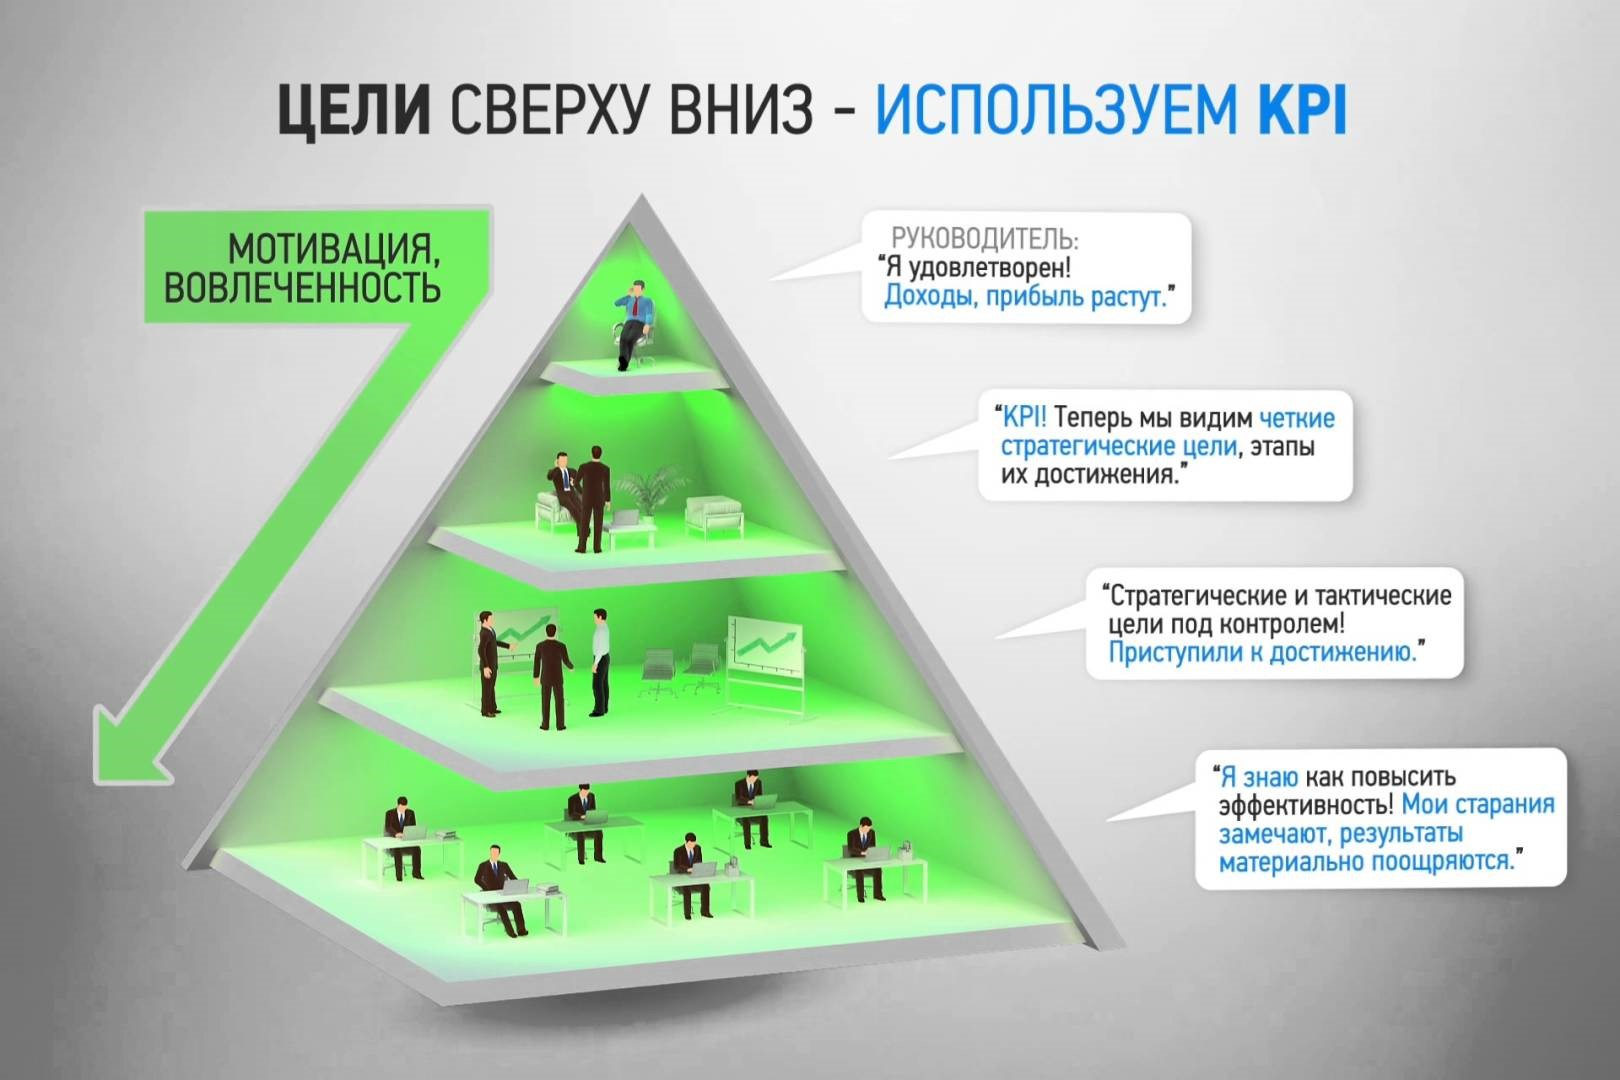 Цели разработки KPI